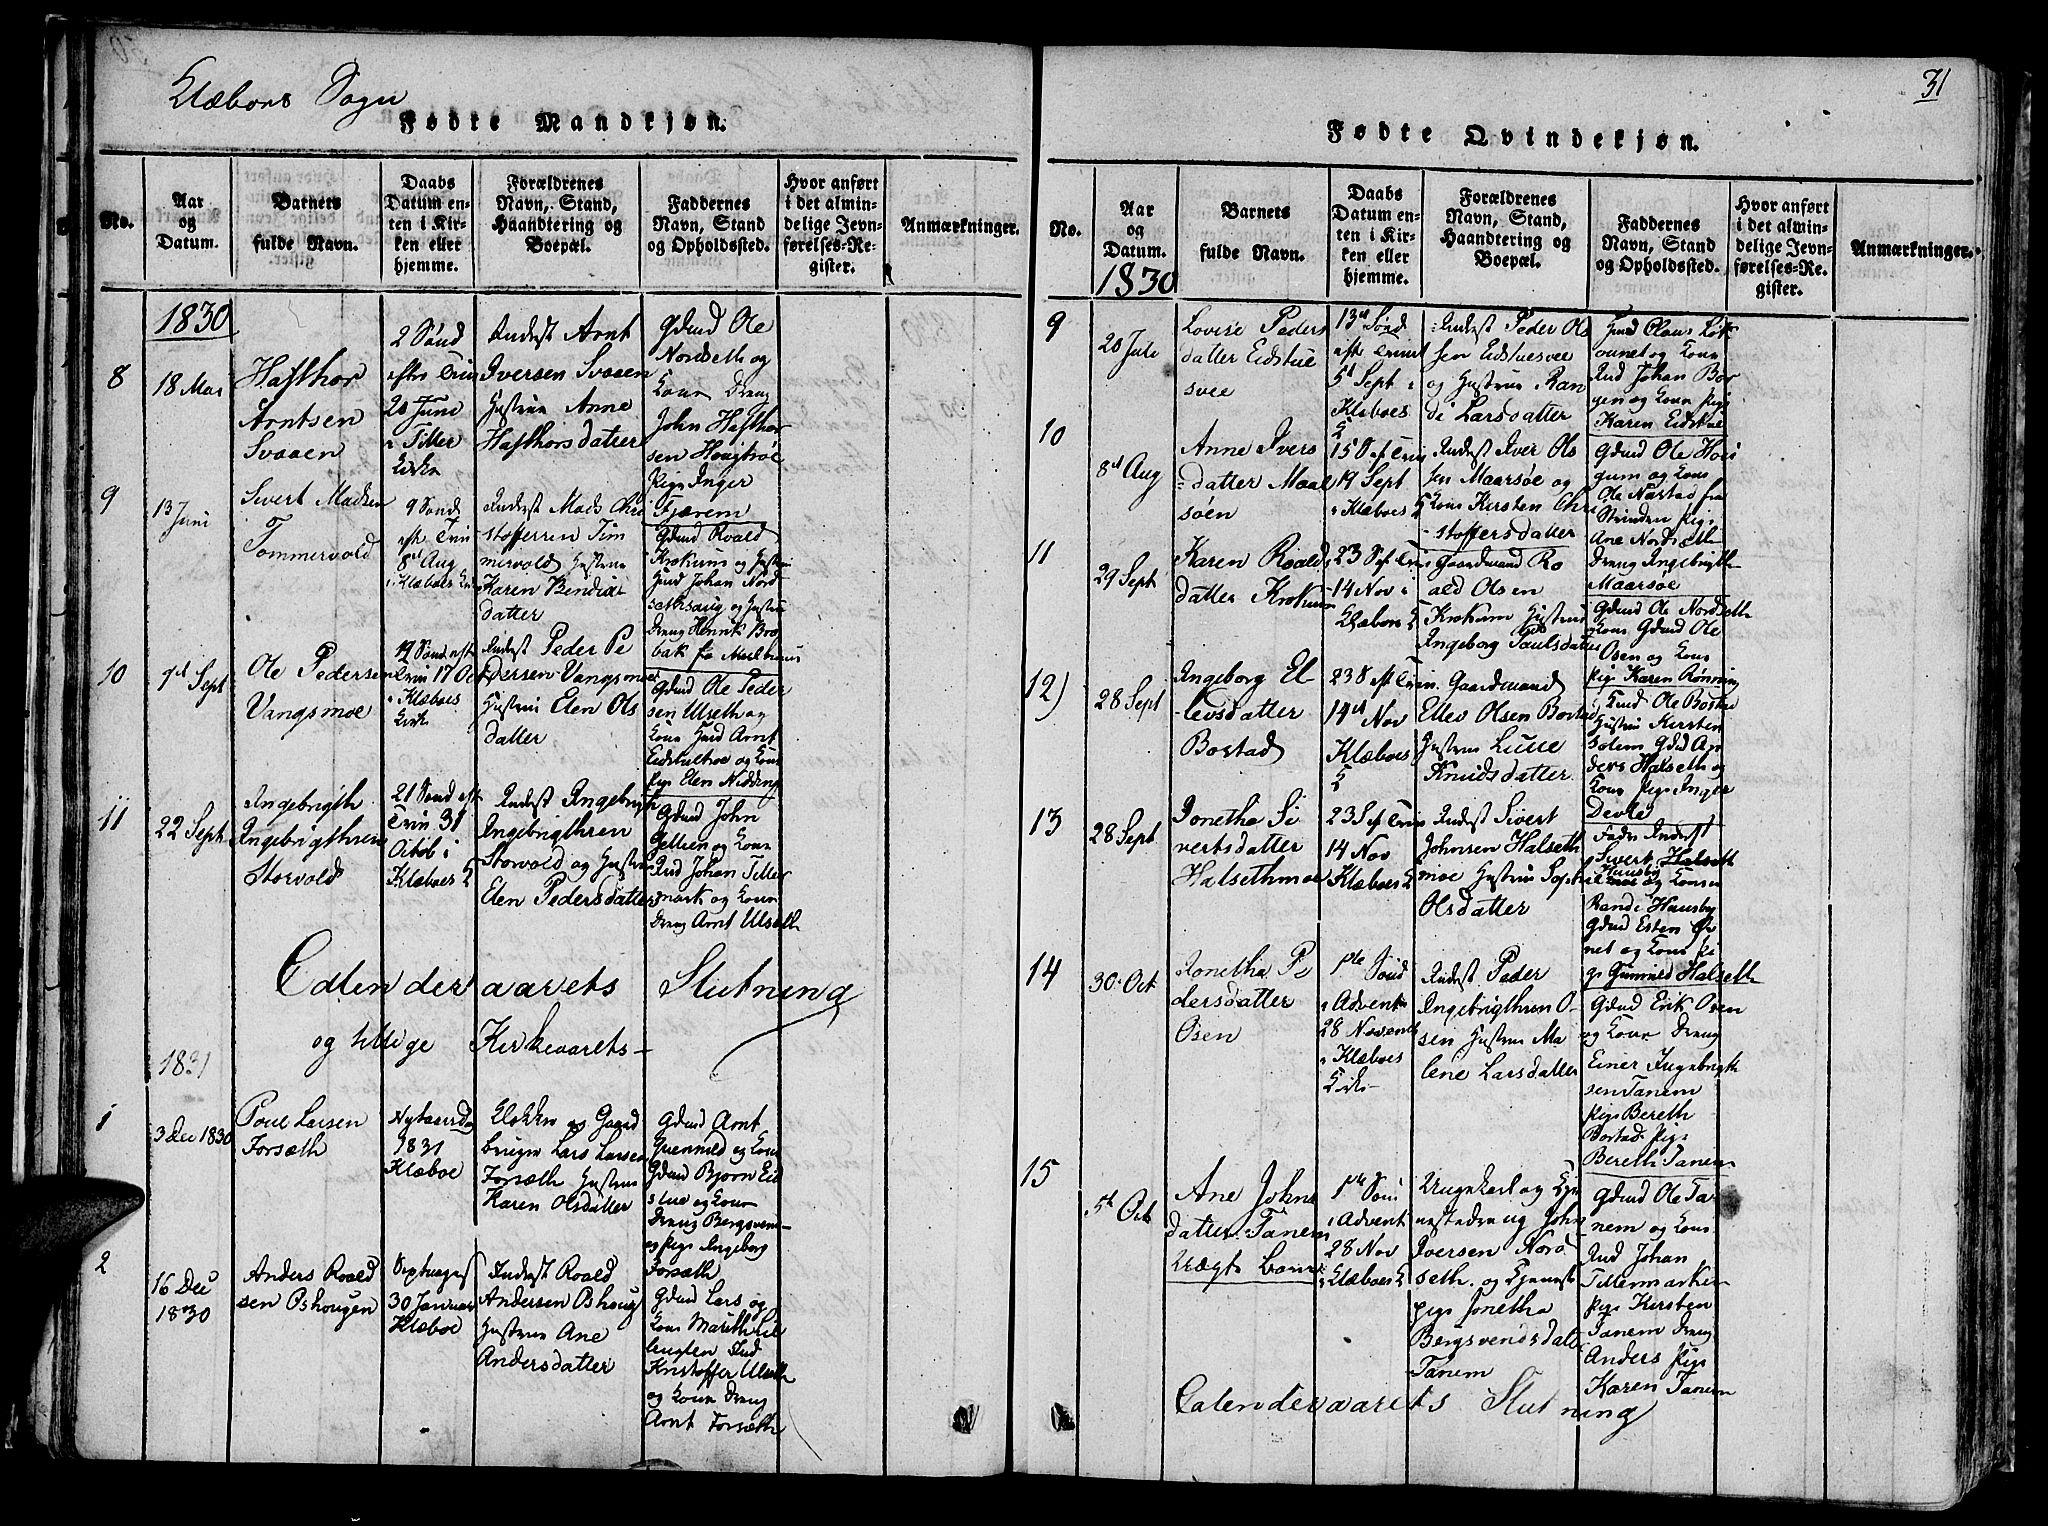 SAT, Ministerialprotokoller, klokkerbøker og fødselsregistre - Sør-Trøndelag, 618/L0439: Ministerialbok nr. 618A04 /1, 1816-1843, s. 31